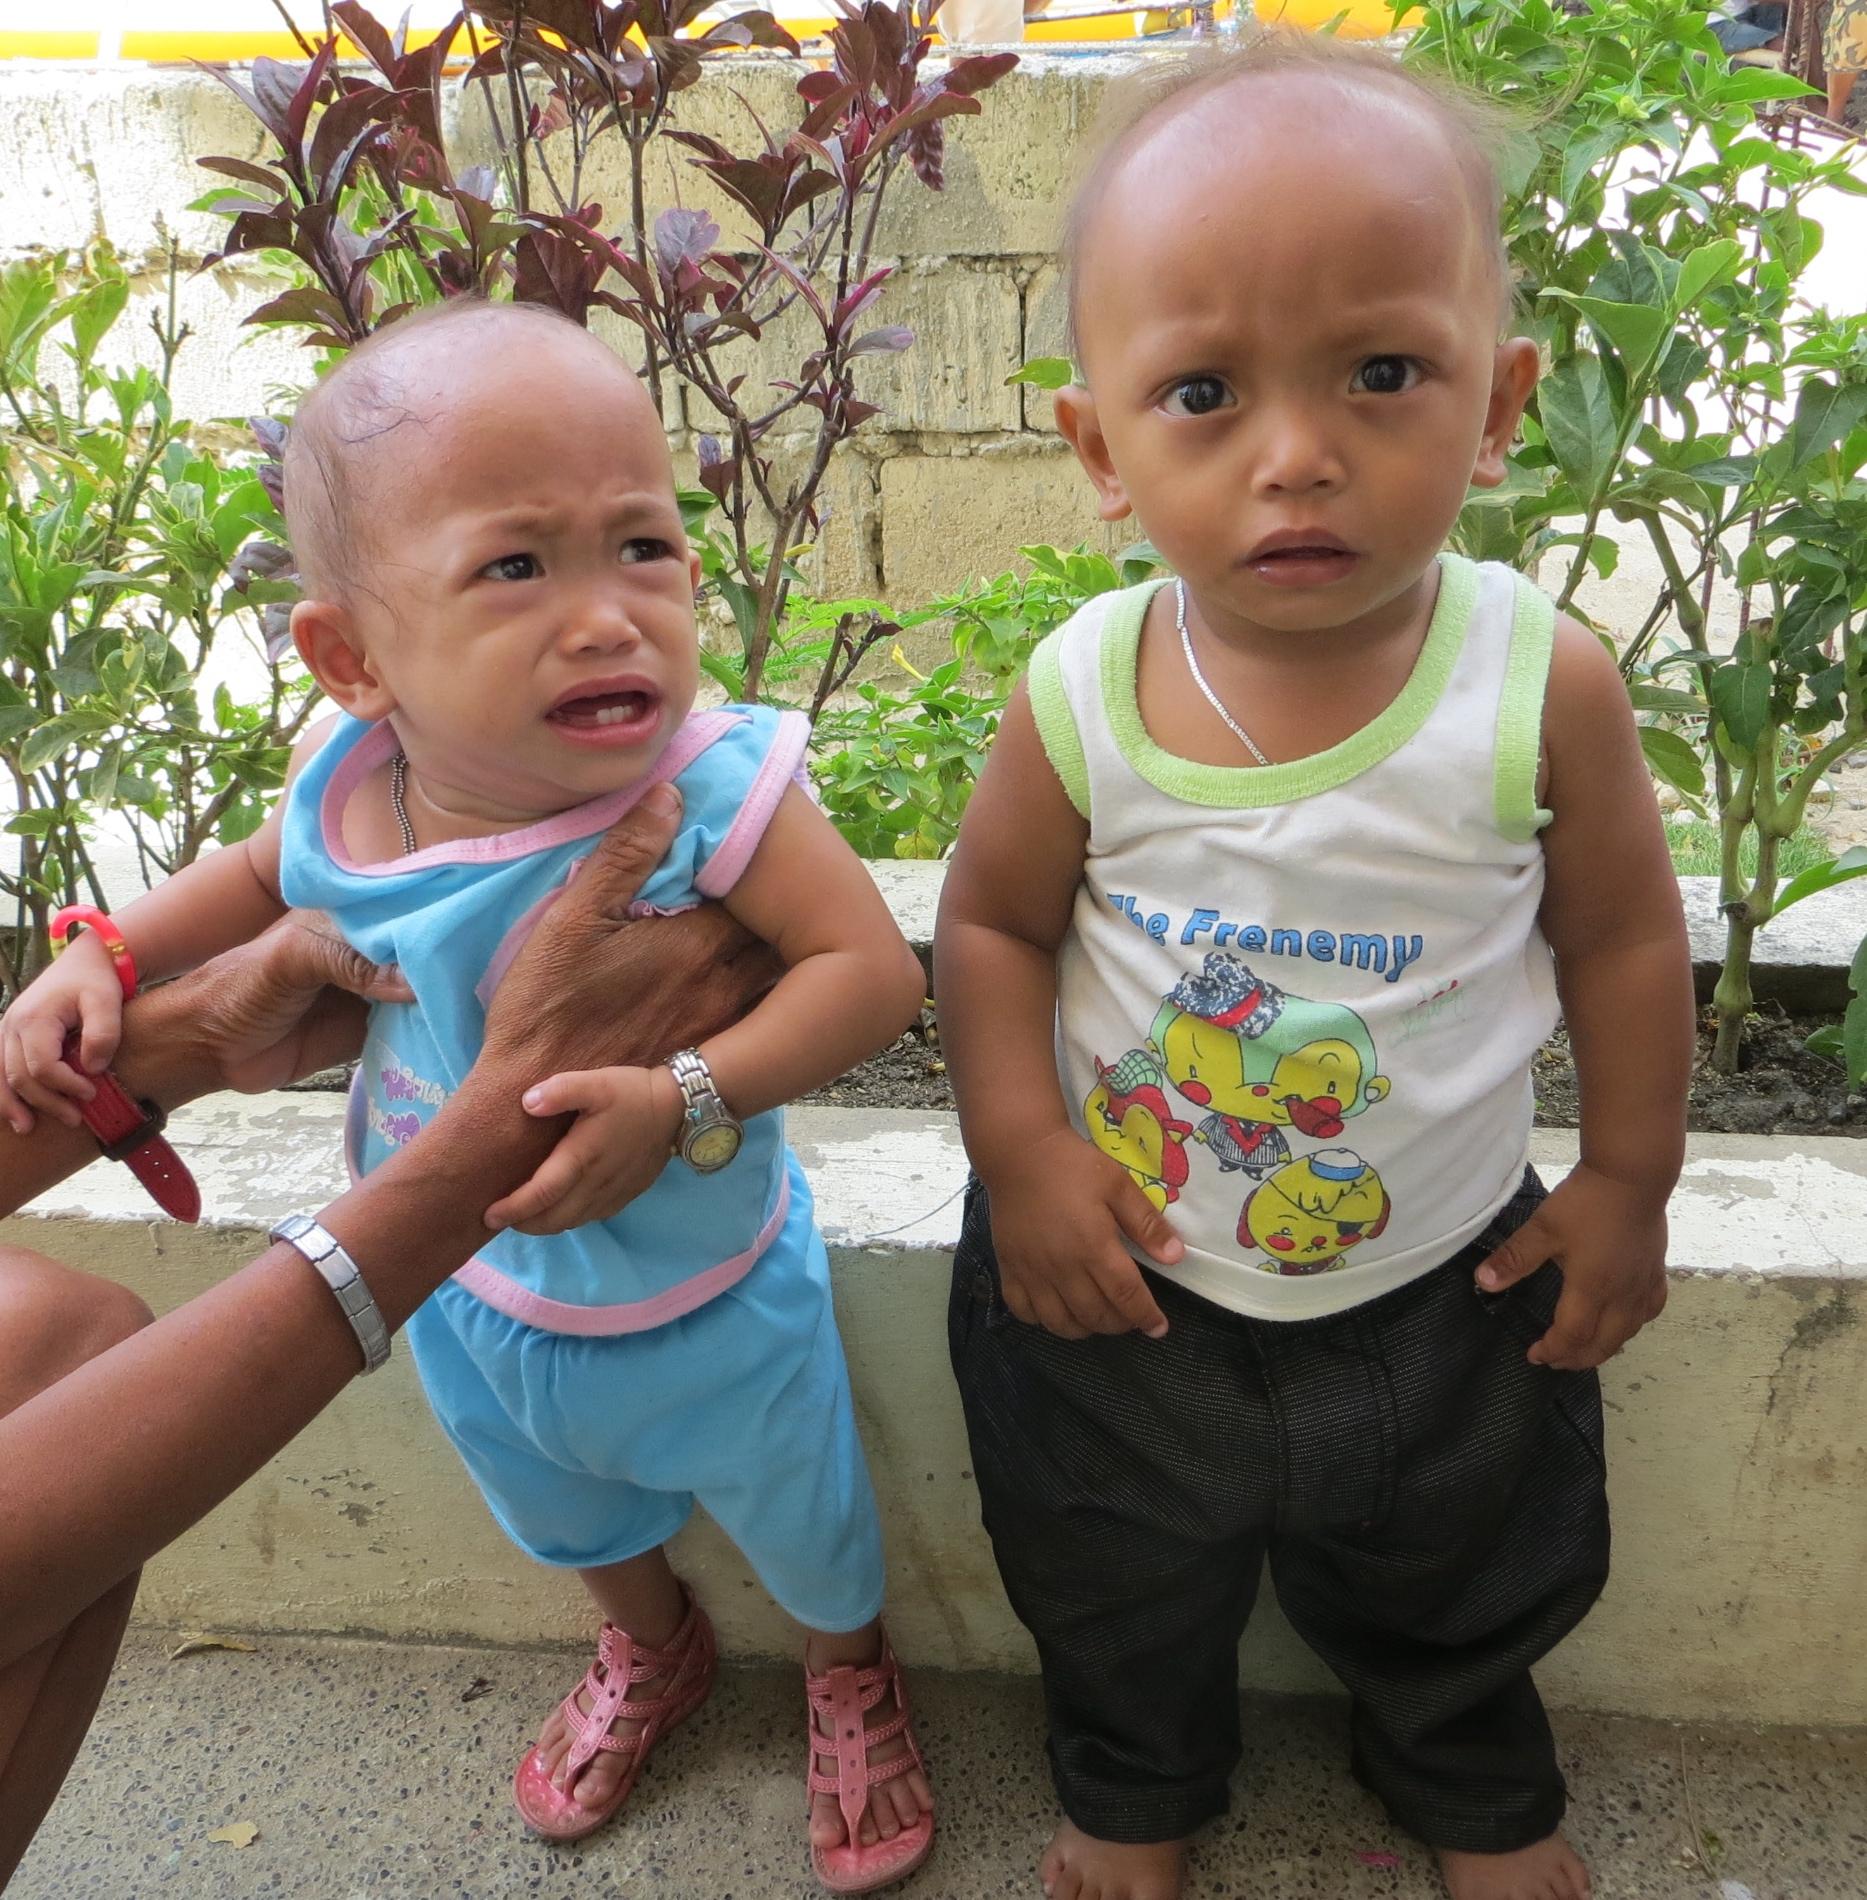 14 Monate altes Kleinkind mit Unterernährung und gleichaltriges, normal entwickeltes Kleinkind